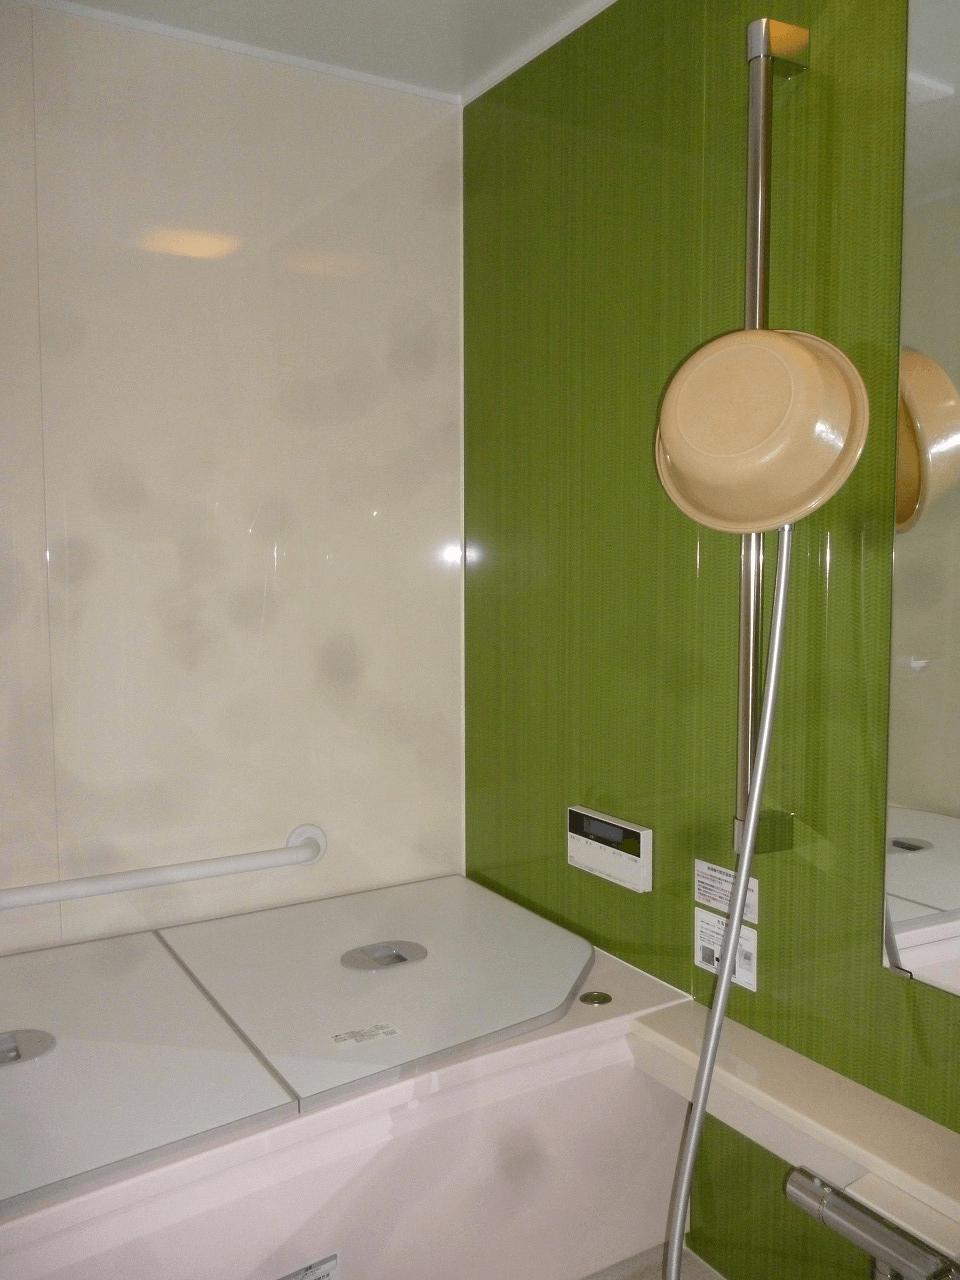 【お風呂リフォーム工事】 知多市 M様邸